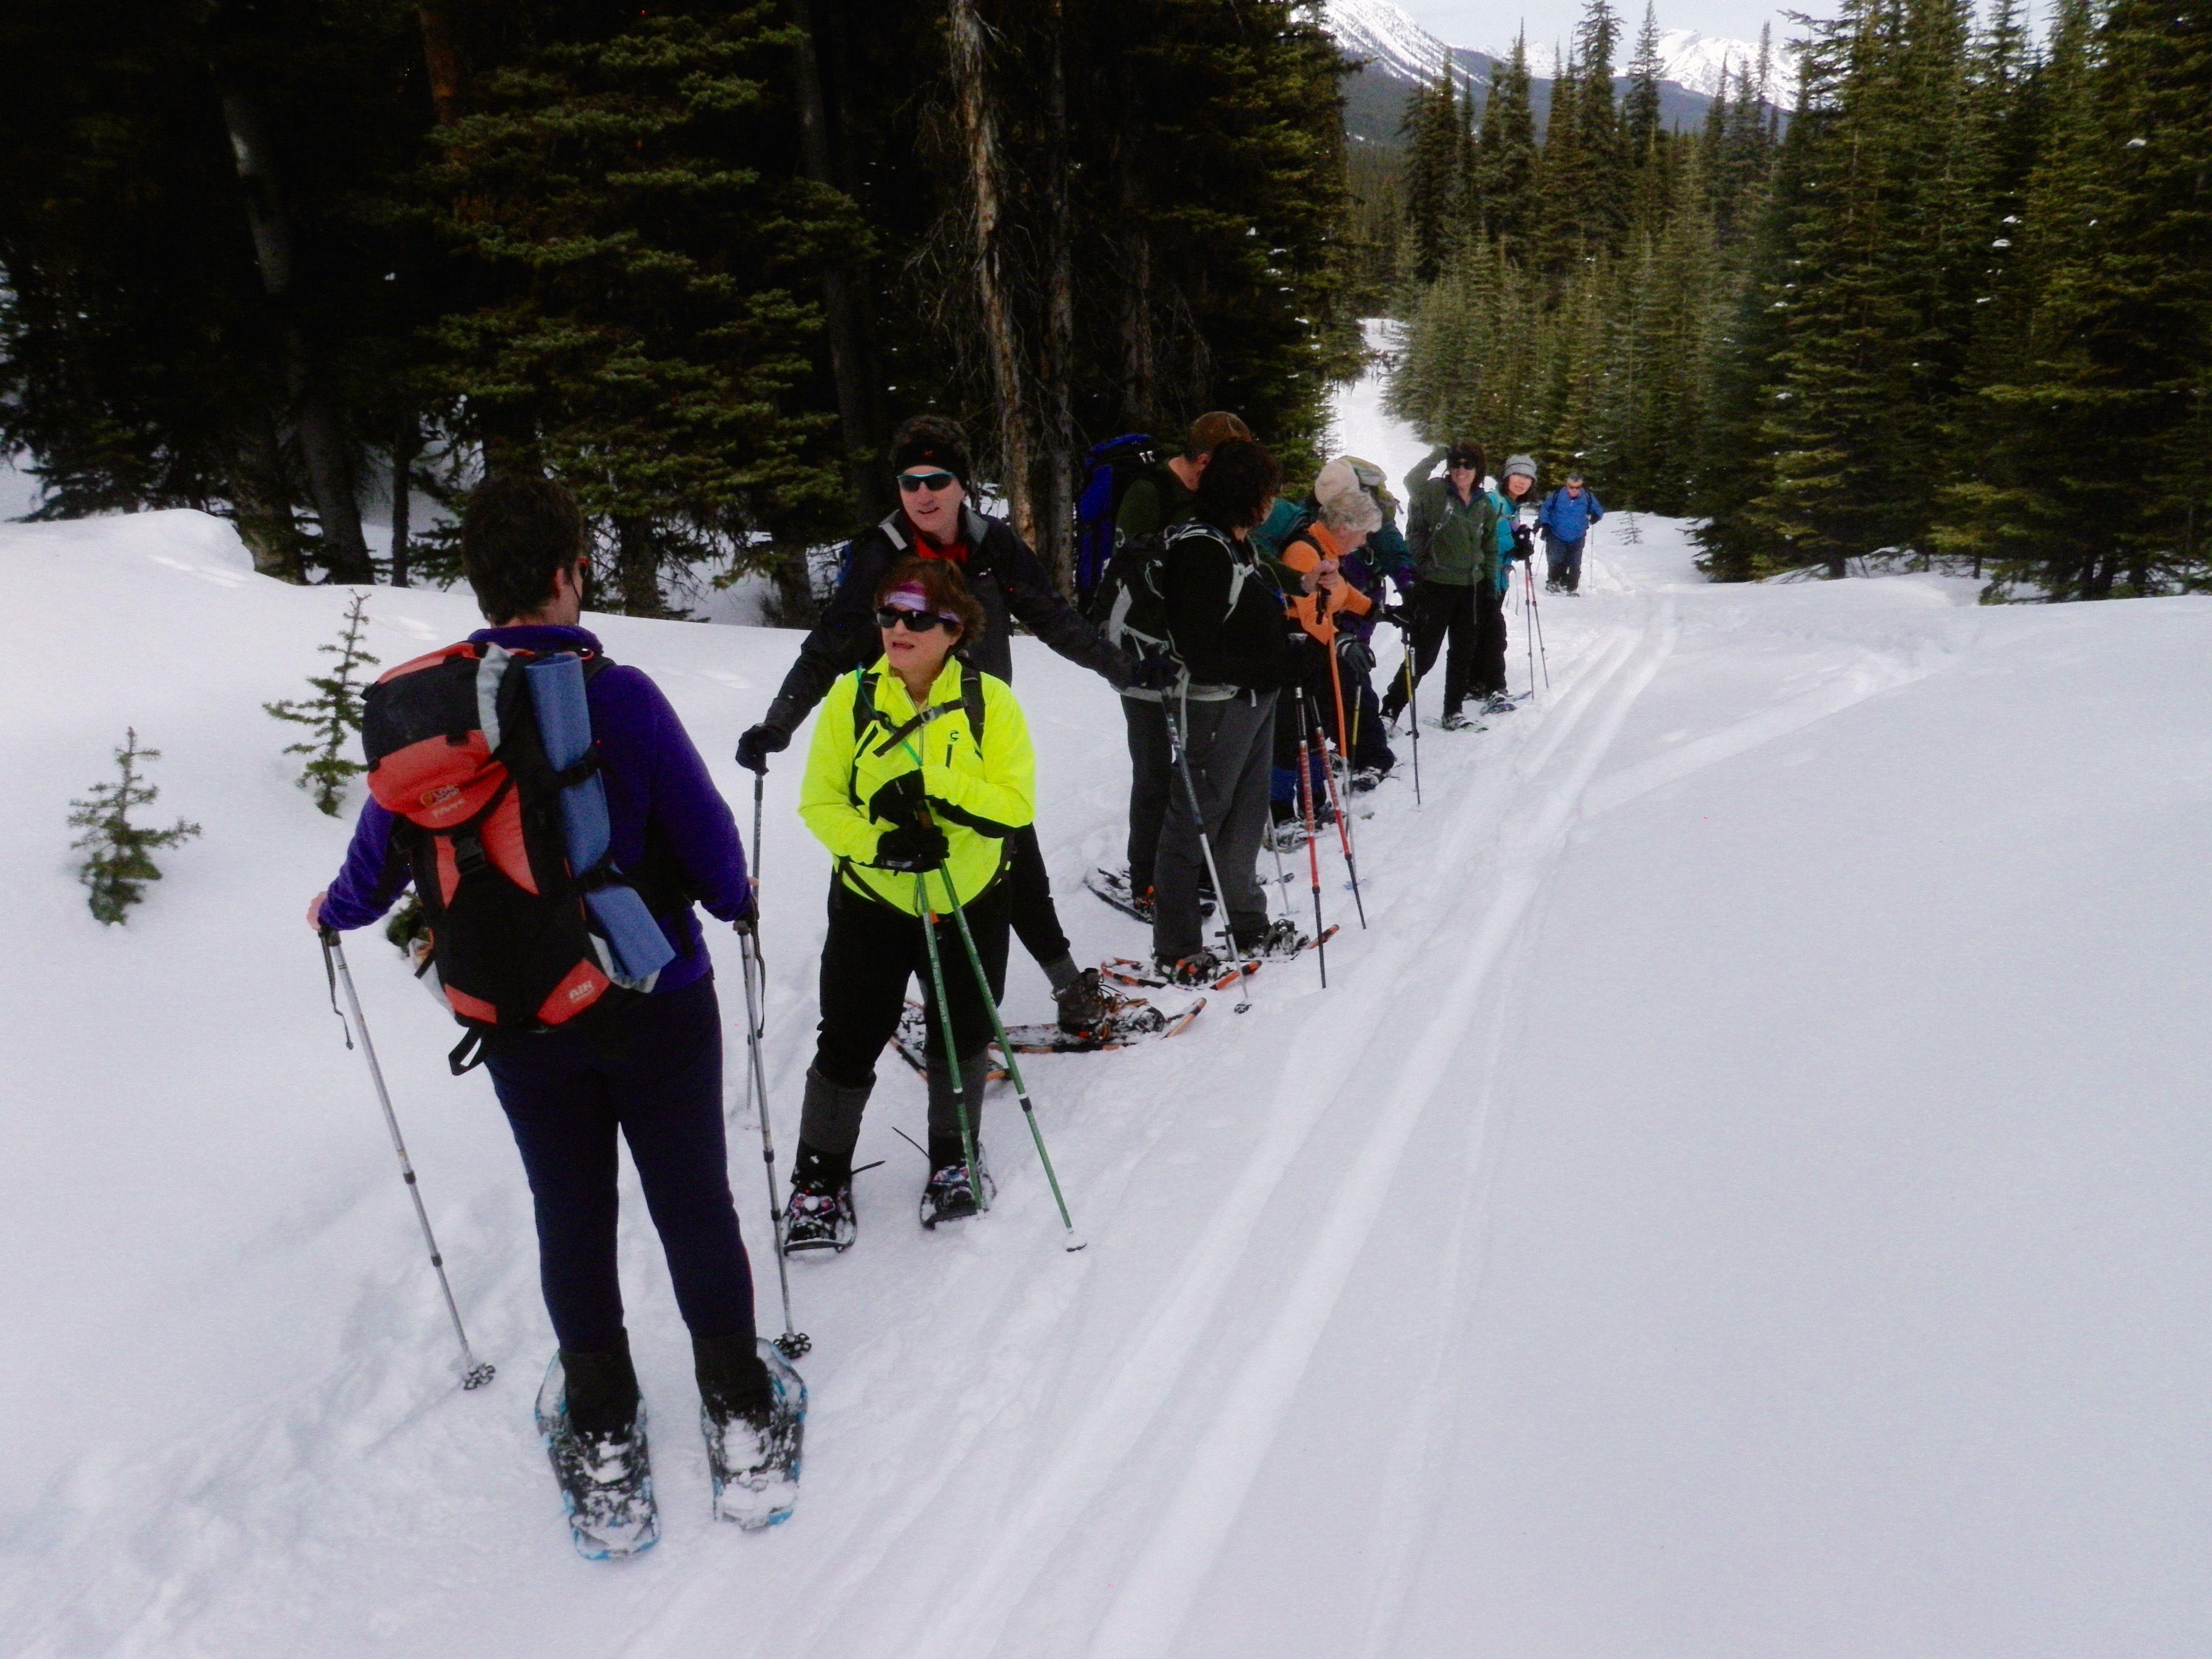 Calgary Ski Club